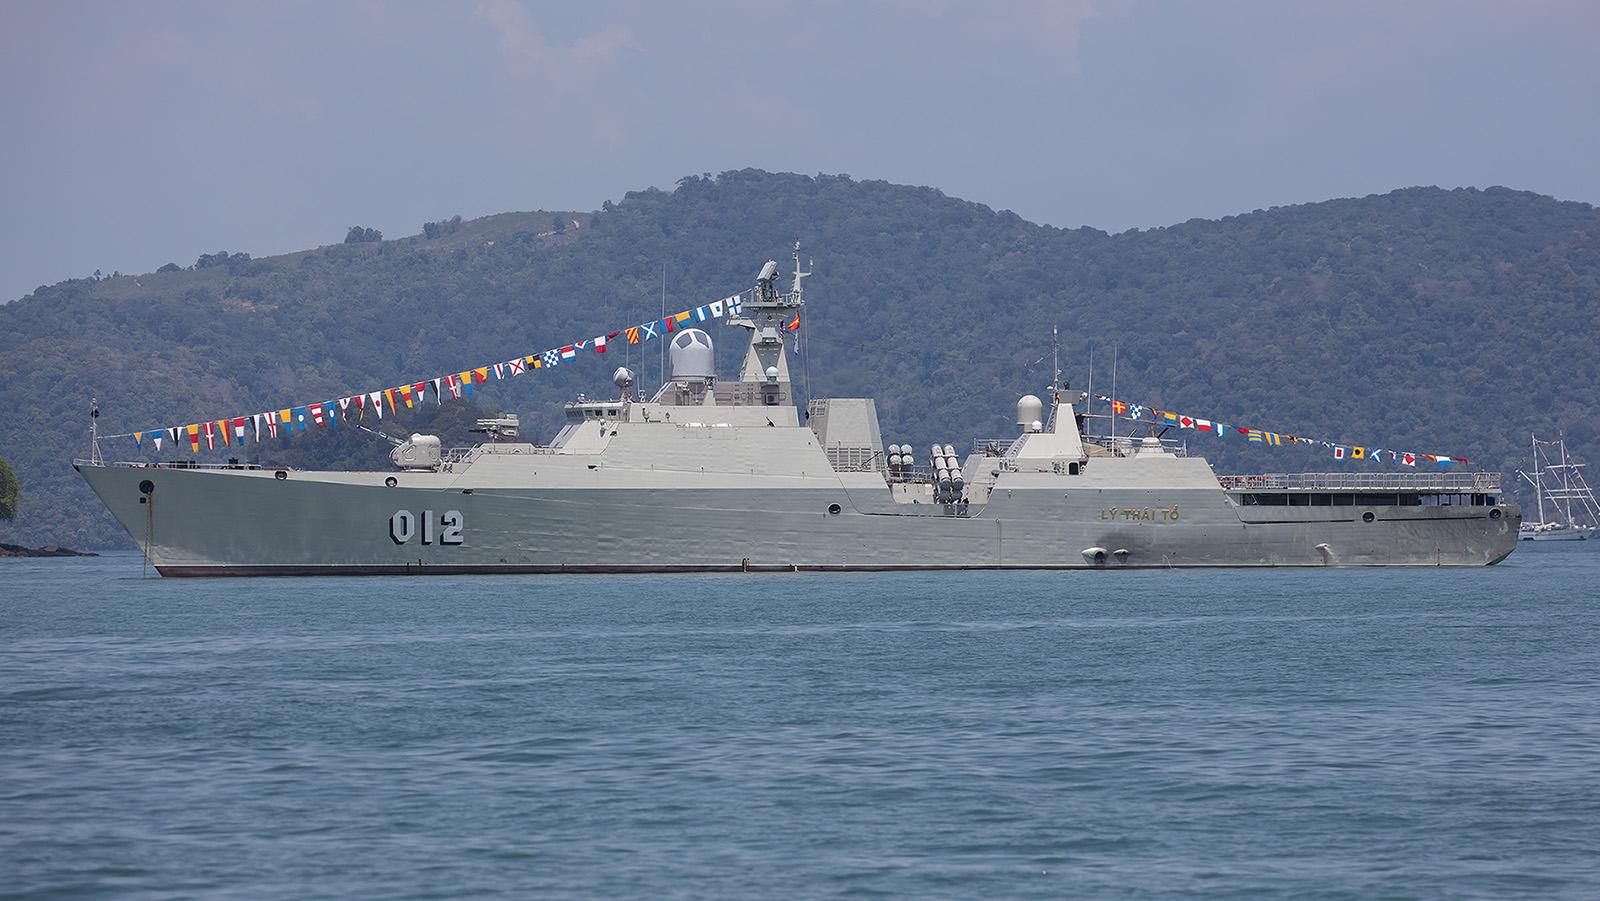 Die Li Thai Ho aus Vietnam. Im hinteren Teil des Schiffes erkennt man die Rotorblätter ihres Kamov Bordhelicopters.